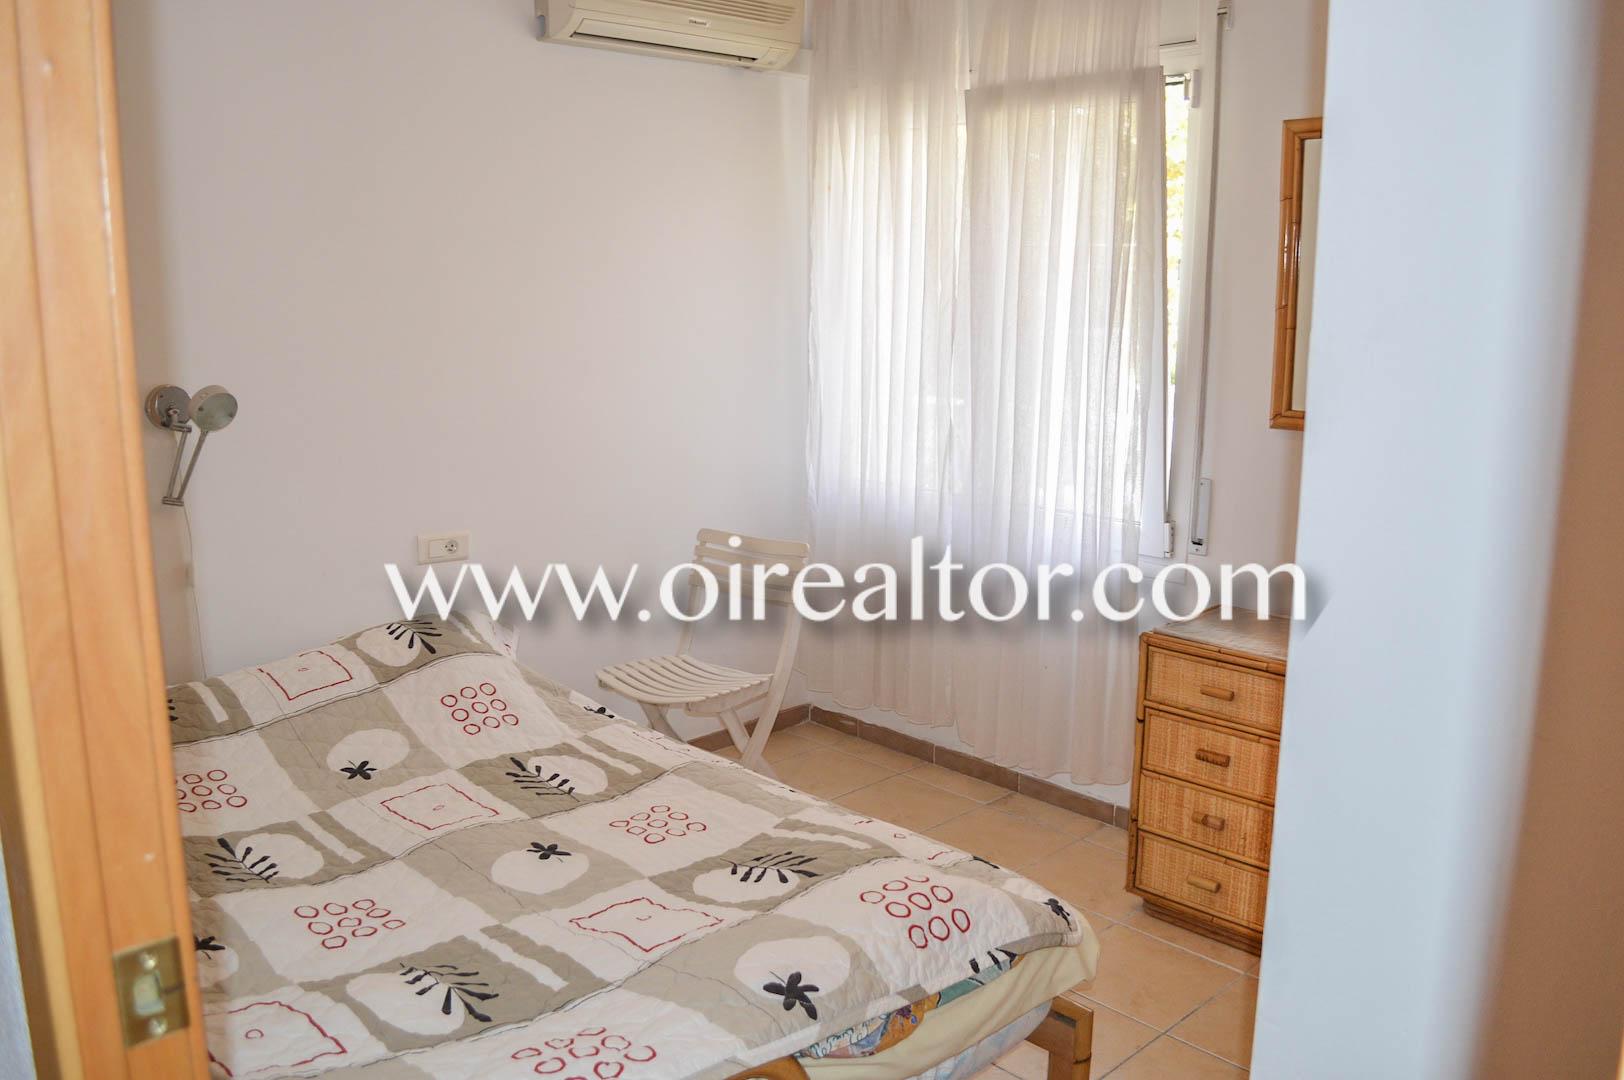 Продается квартира на улице Фрезер в Эмпуриабрава